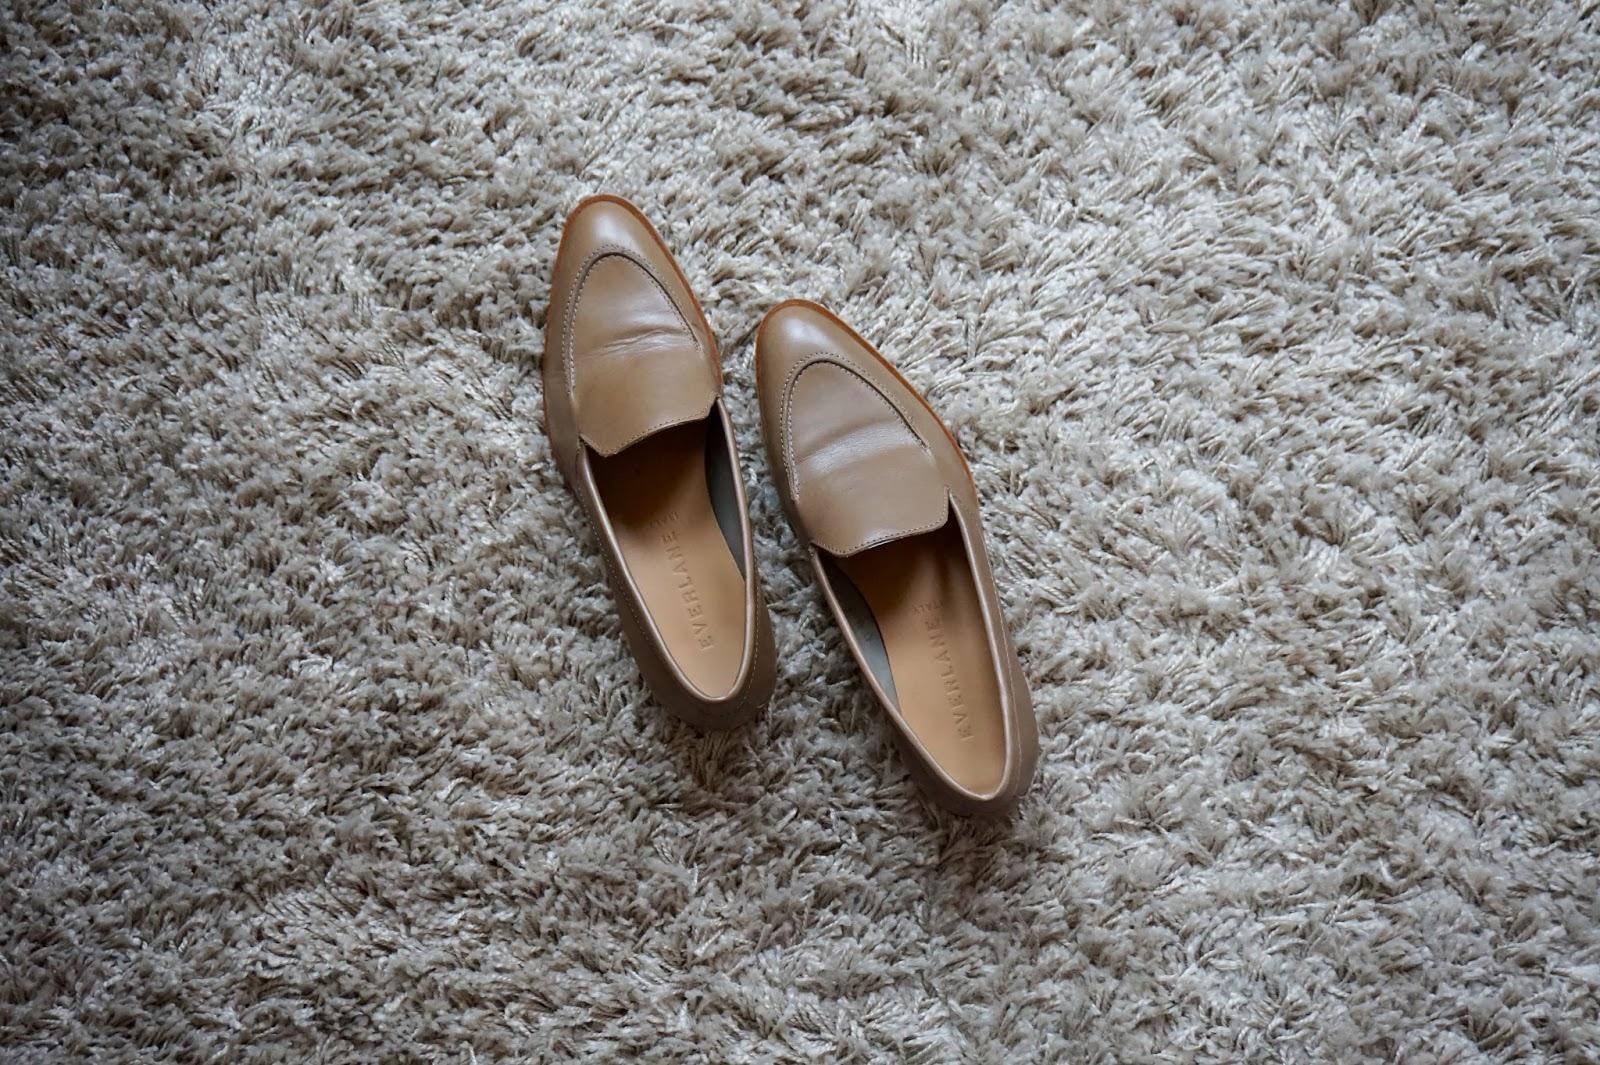 ee60d48fa01 dorigamii  REVIEW  Everlane Modern Loafer